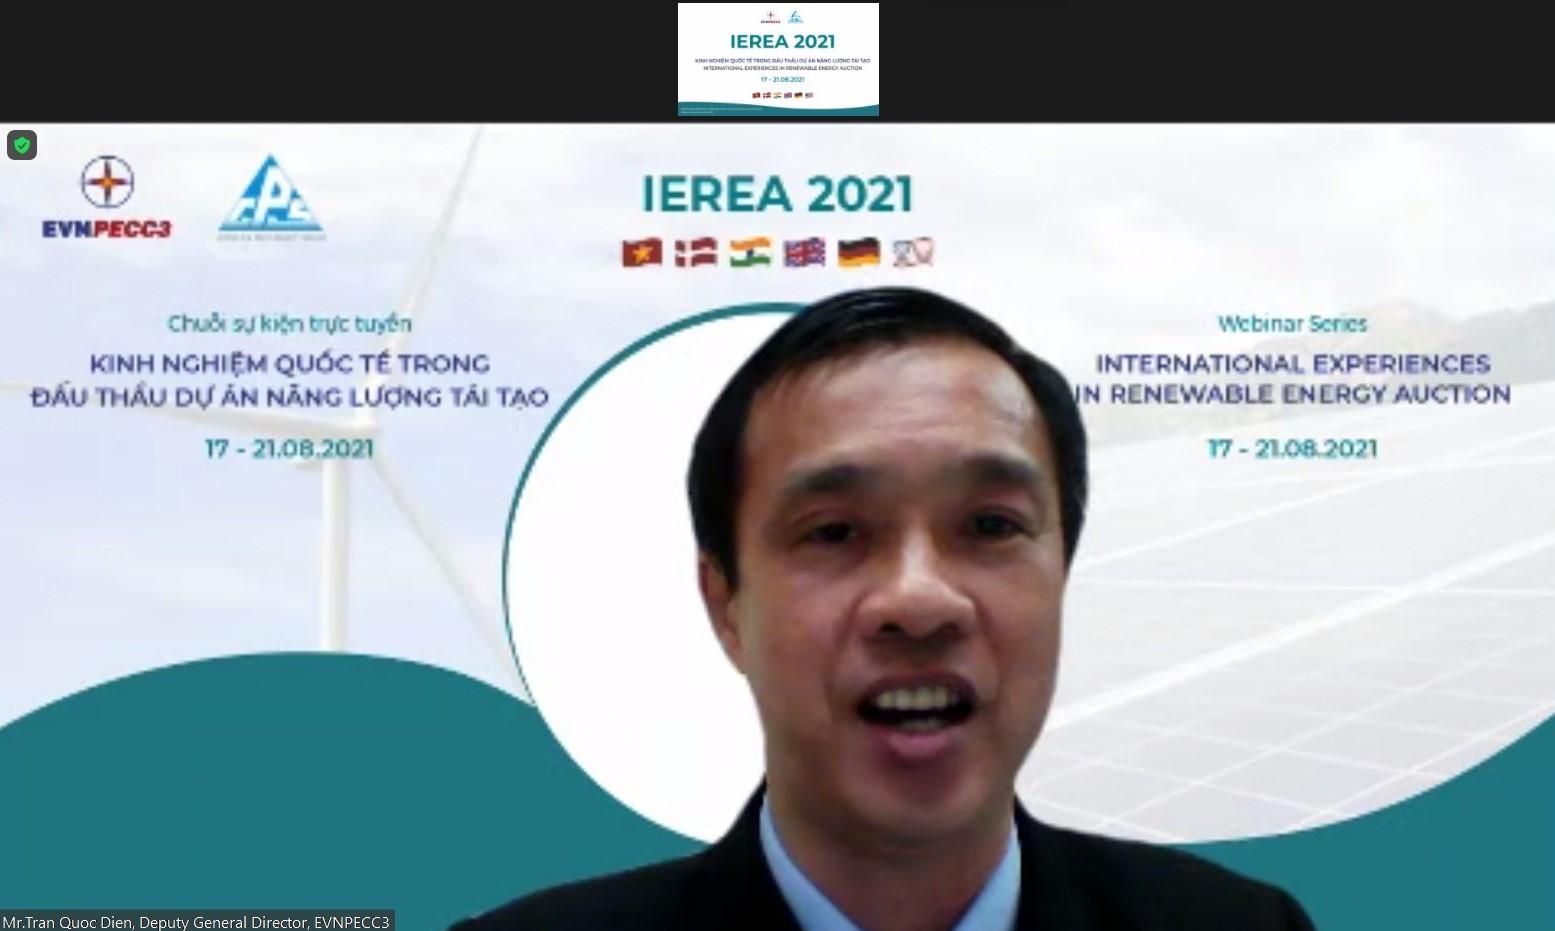 IEREA-2021-1708-21